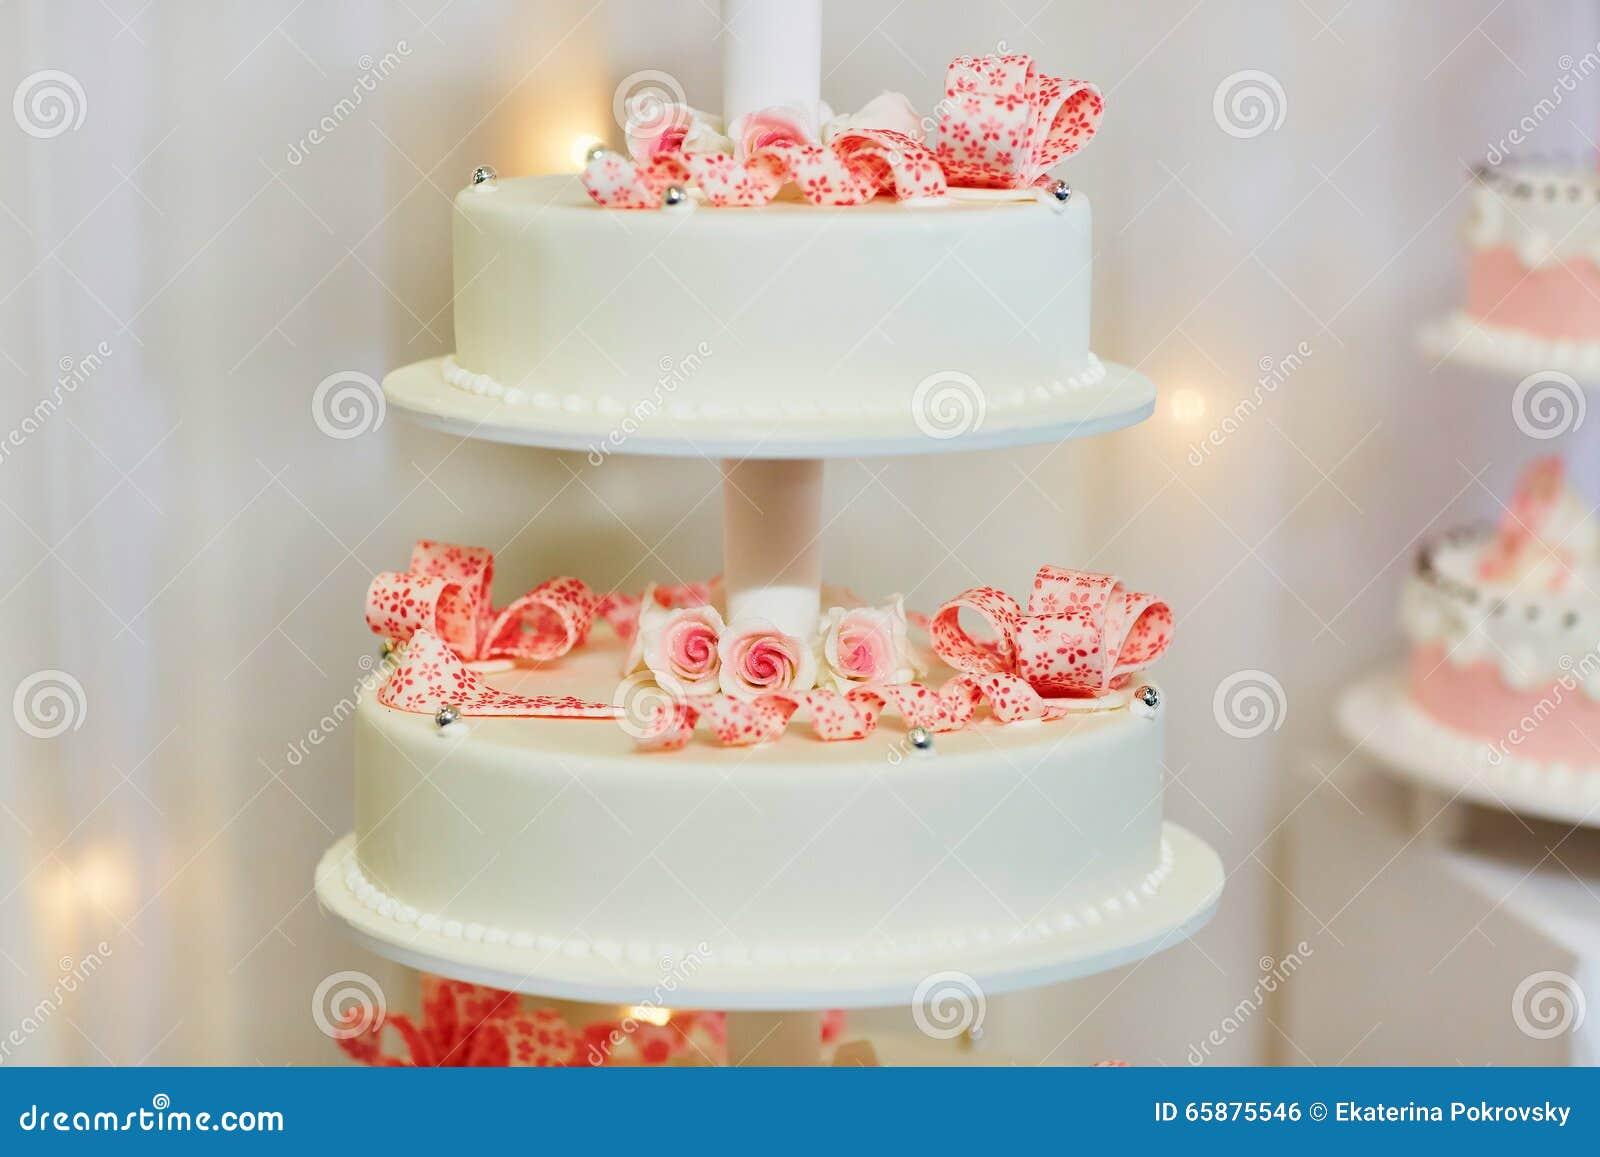 Weisse Hochzeitstorte Verziert Mit Rosa Rosen Stockfoto Bild Von